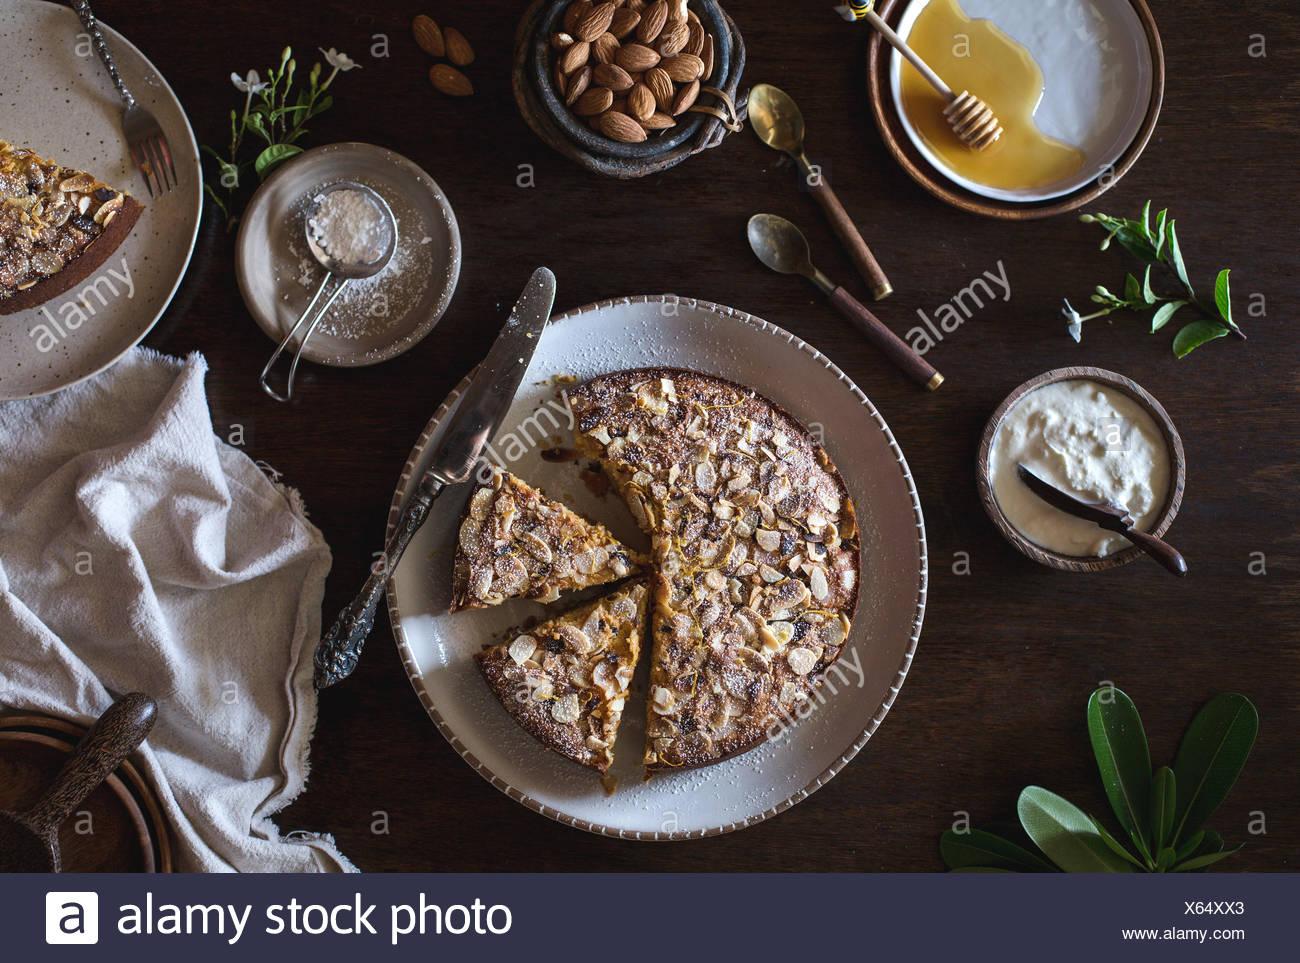 In Scheiben Geschnitten Ricotta Und Mandel Kuchen Mit Puderzucker